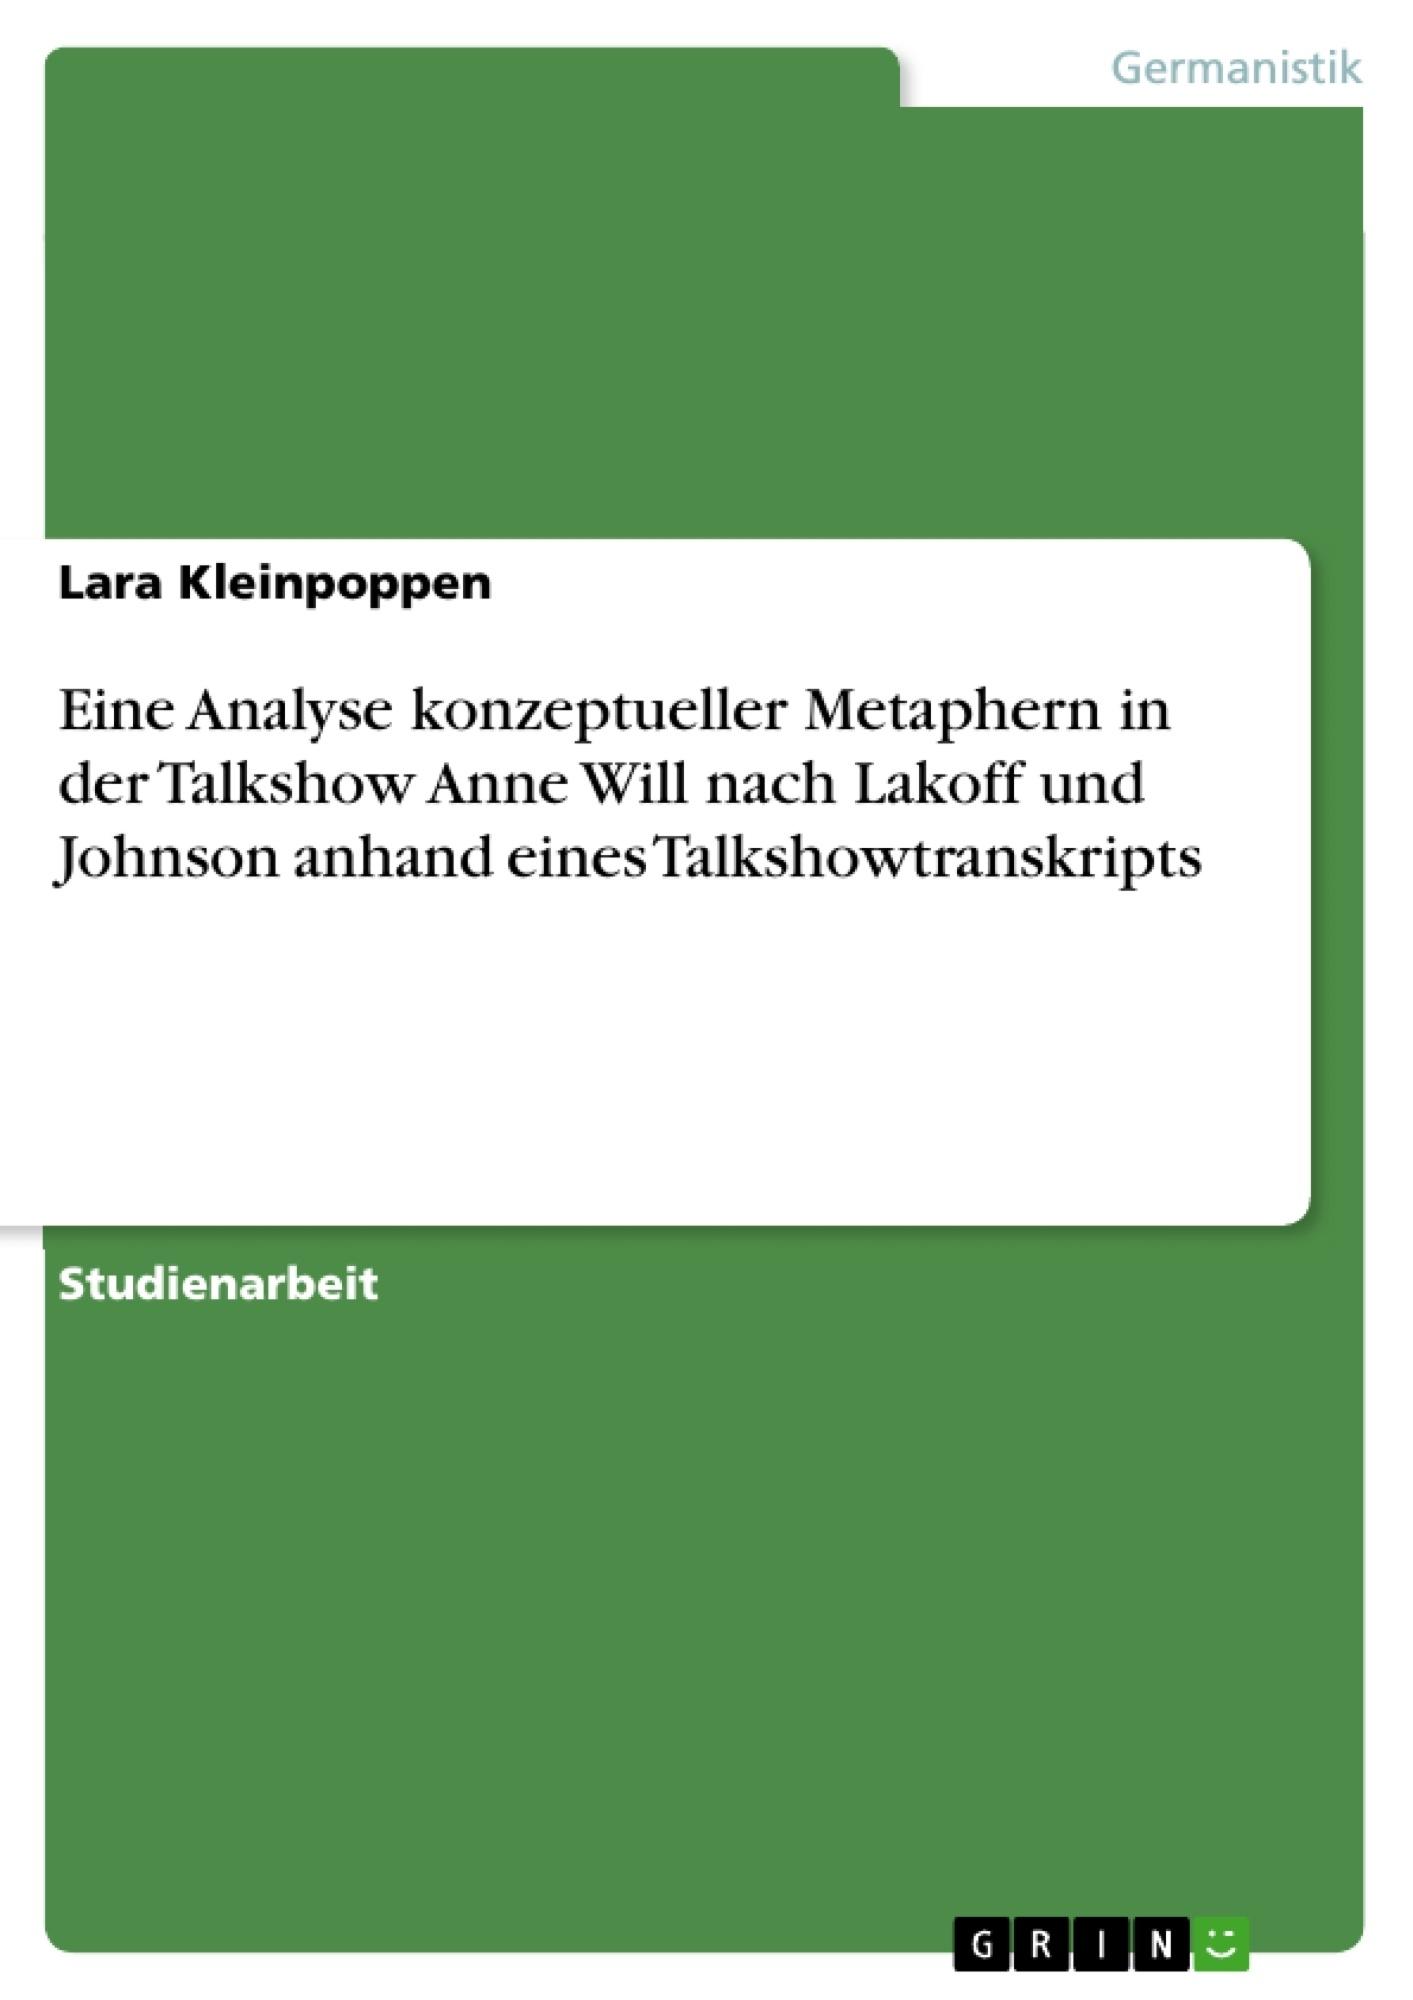 Titel: Eine Analyse konzeptueller Metaphern in der Talkshow Anne Will nach Lakoff und Johnson anhand eines Talkshowtranskripts